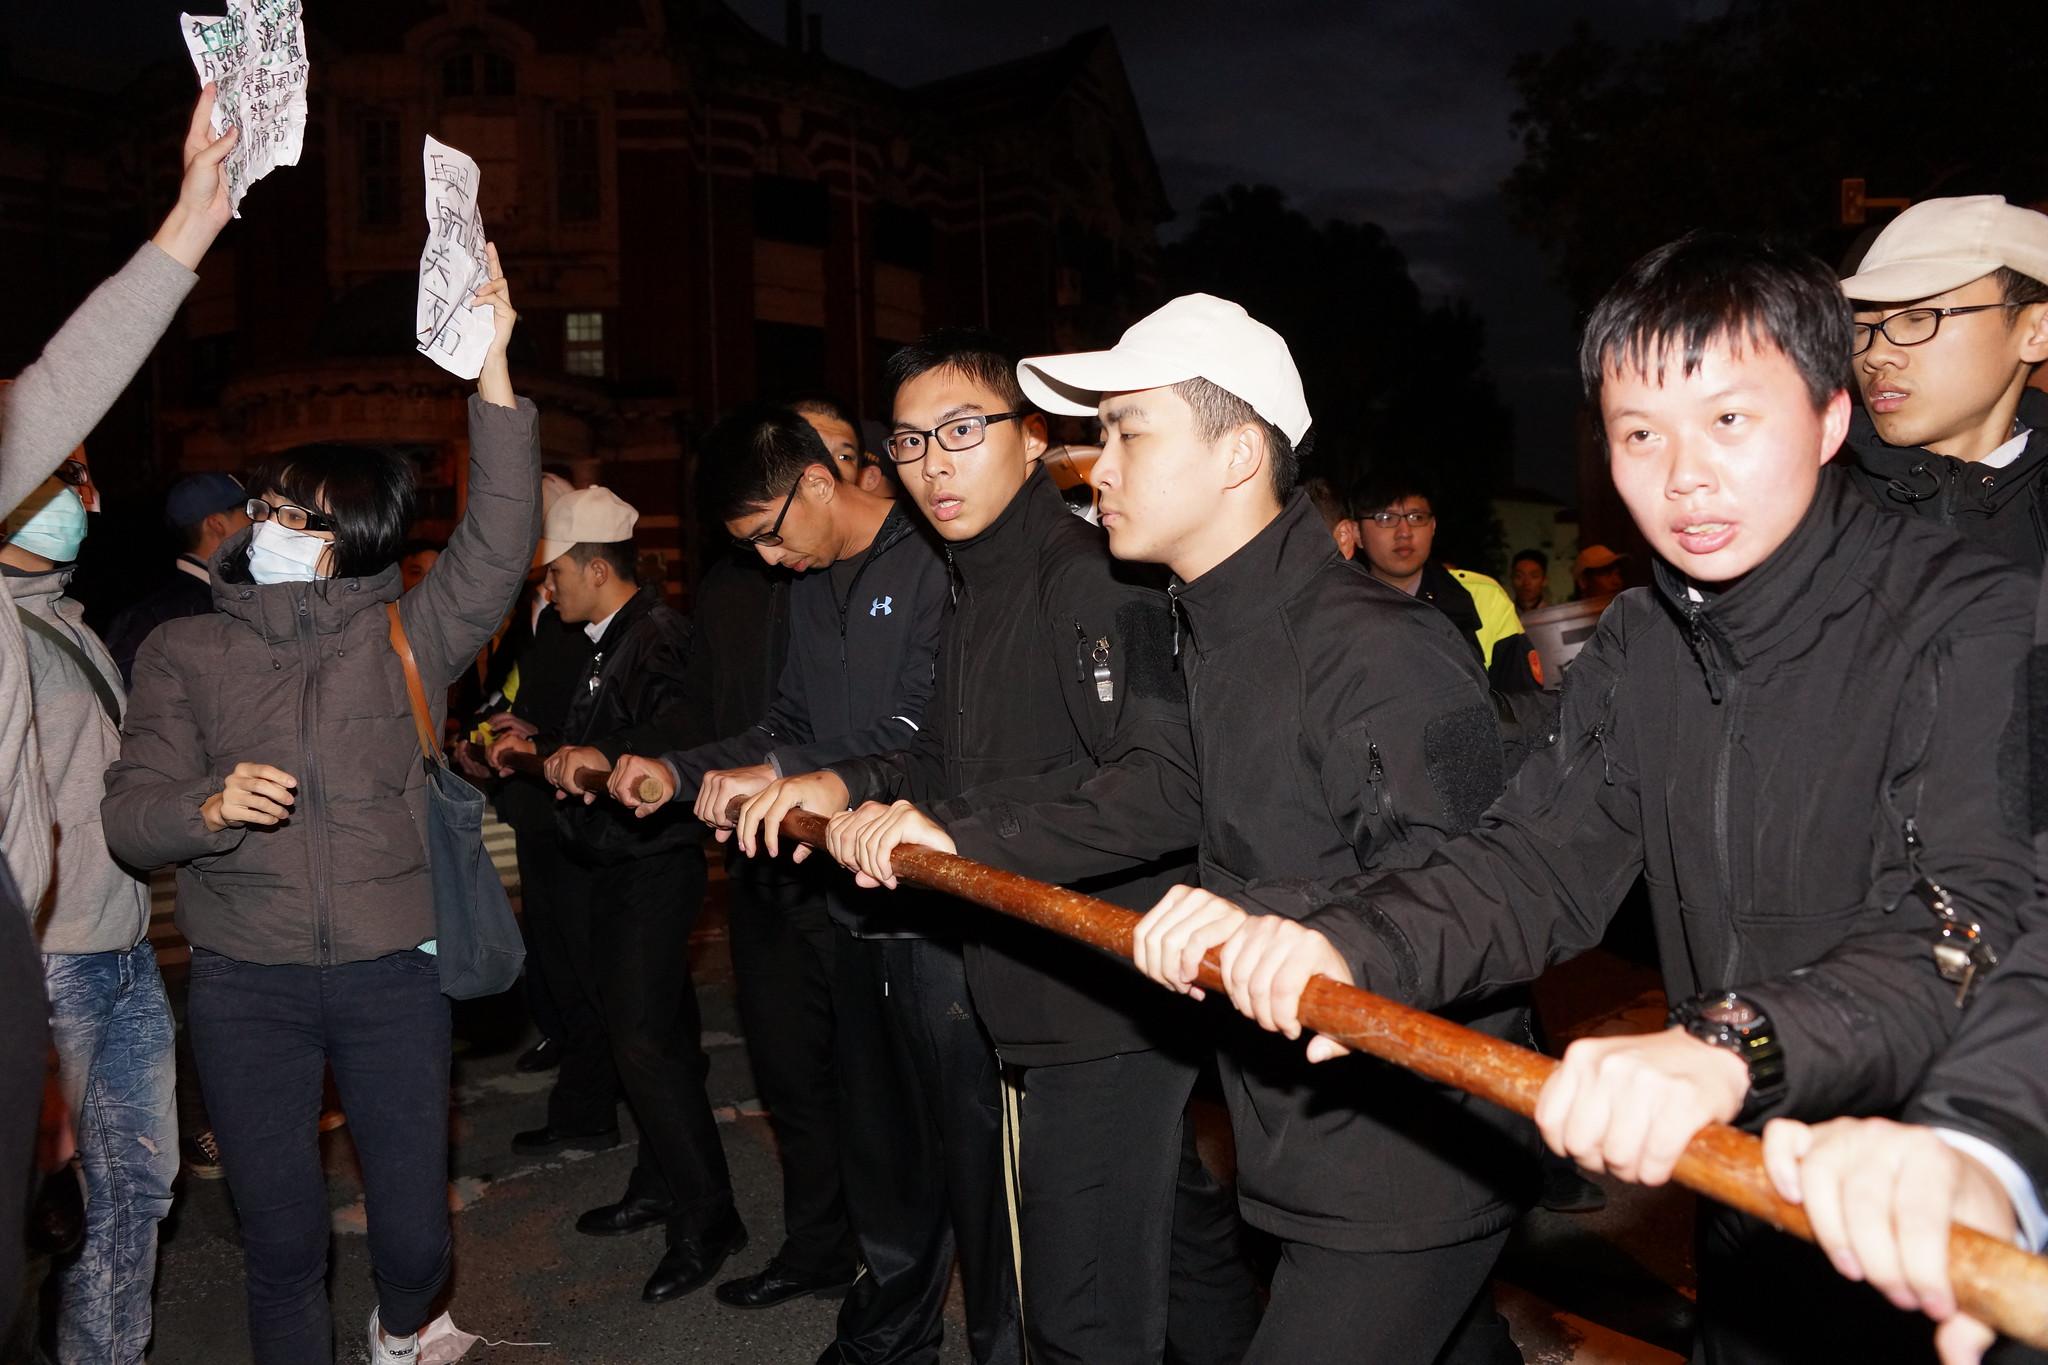 成功排除群眾後,用木棍組成人牆,避免工人再接近官邸。(攝影:王顥中)